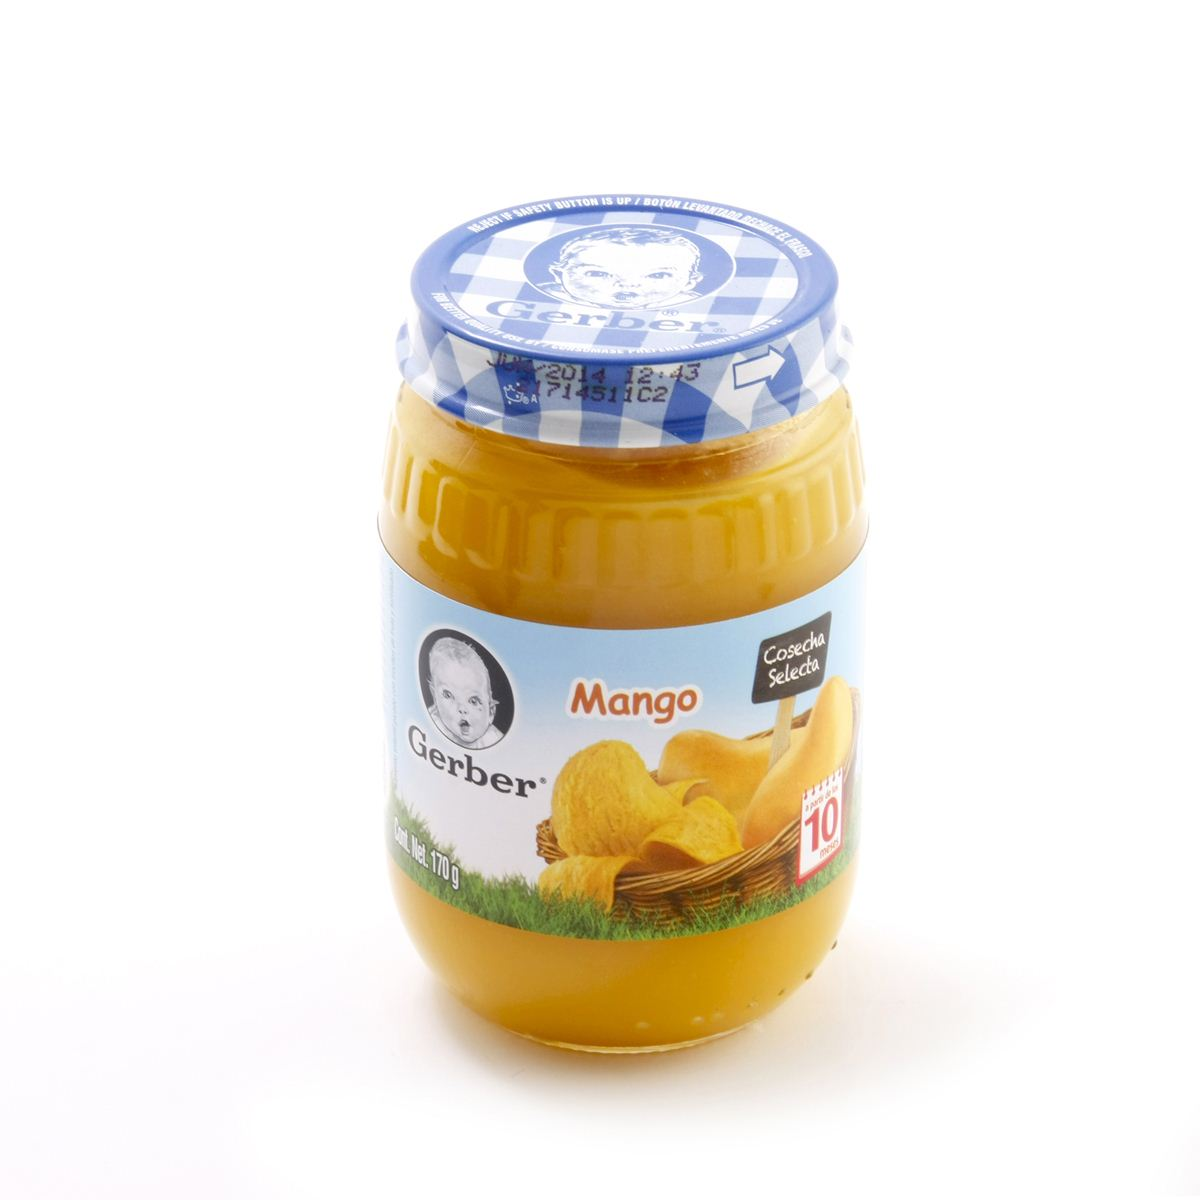 Gerber sabor mango  - Sanborns